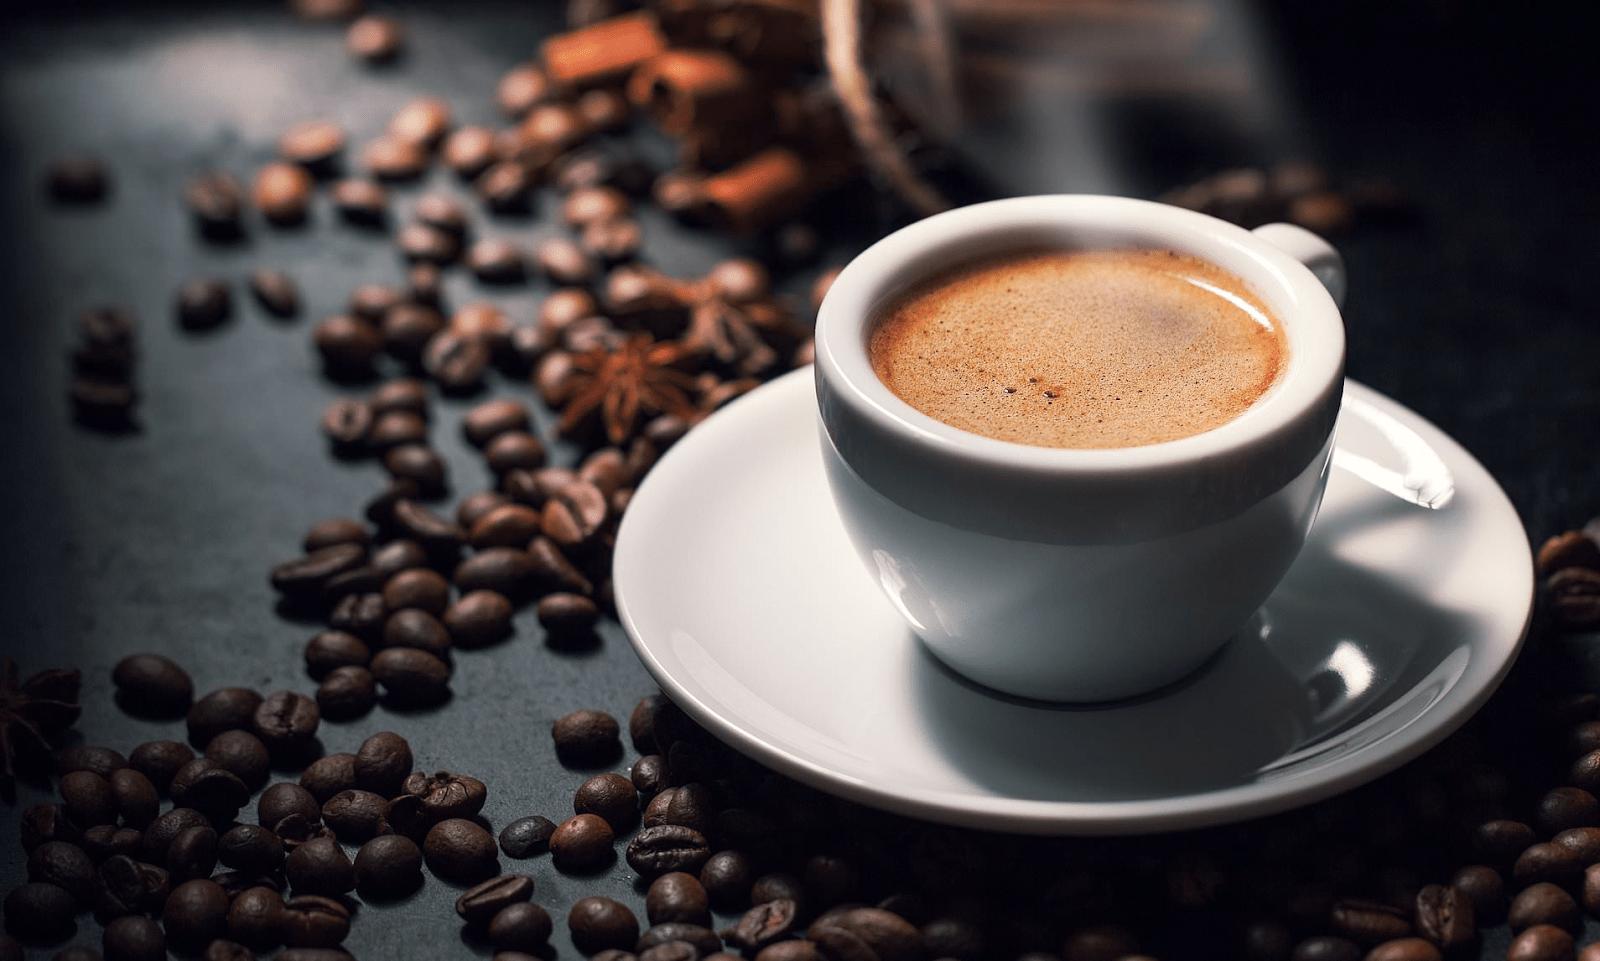 Cách làm ngực nhỏ lại tại nhà bằng đồ uống từ cà phê